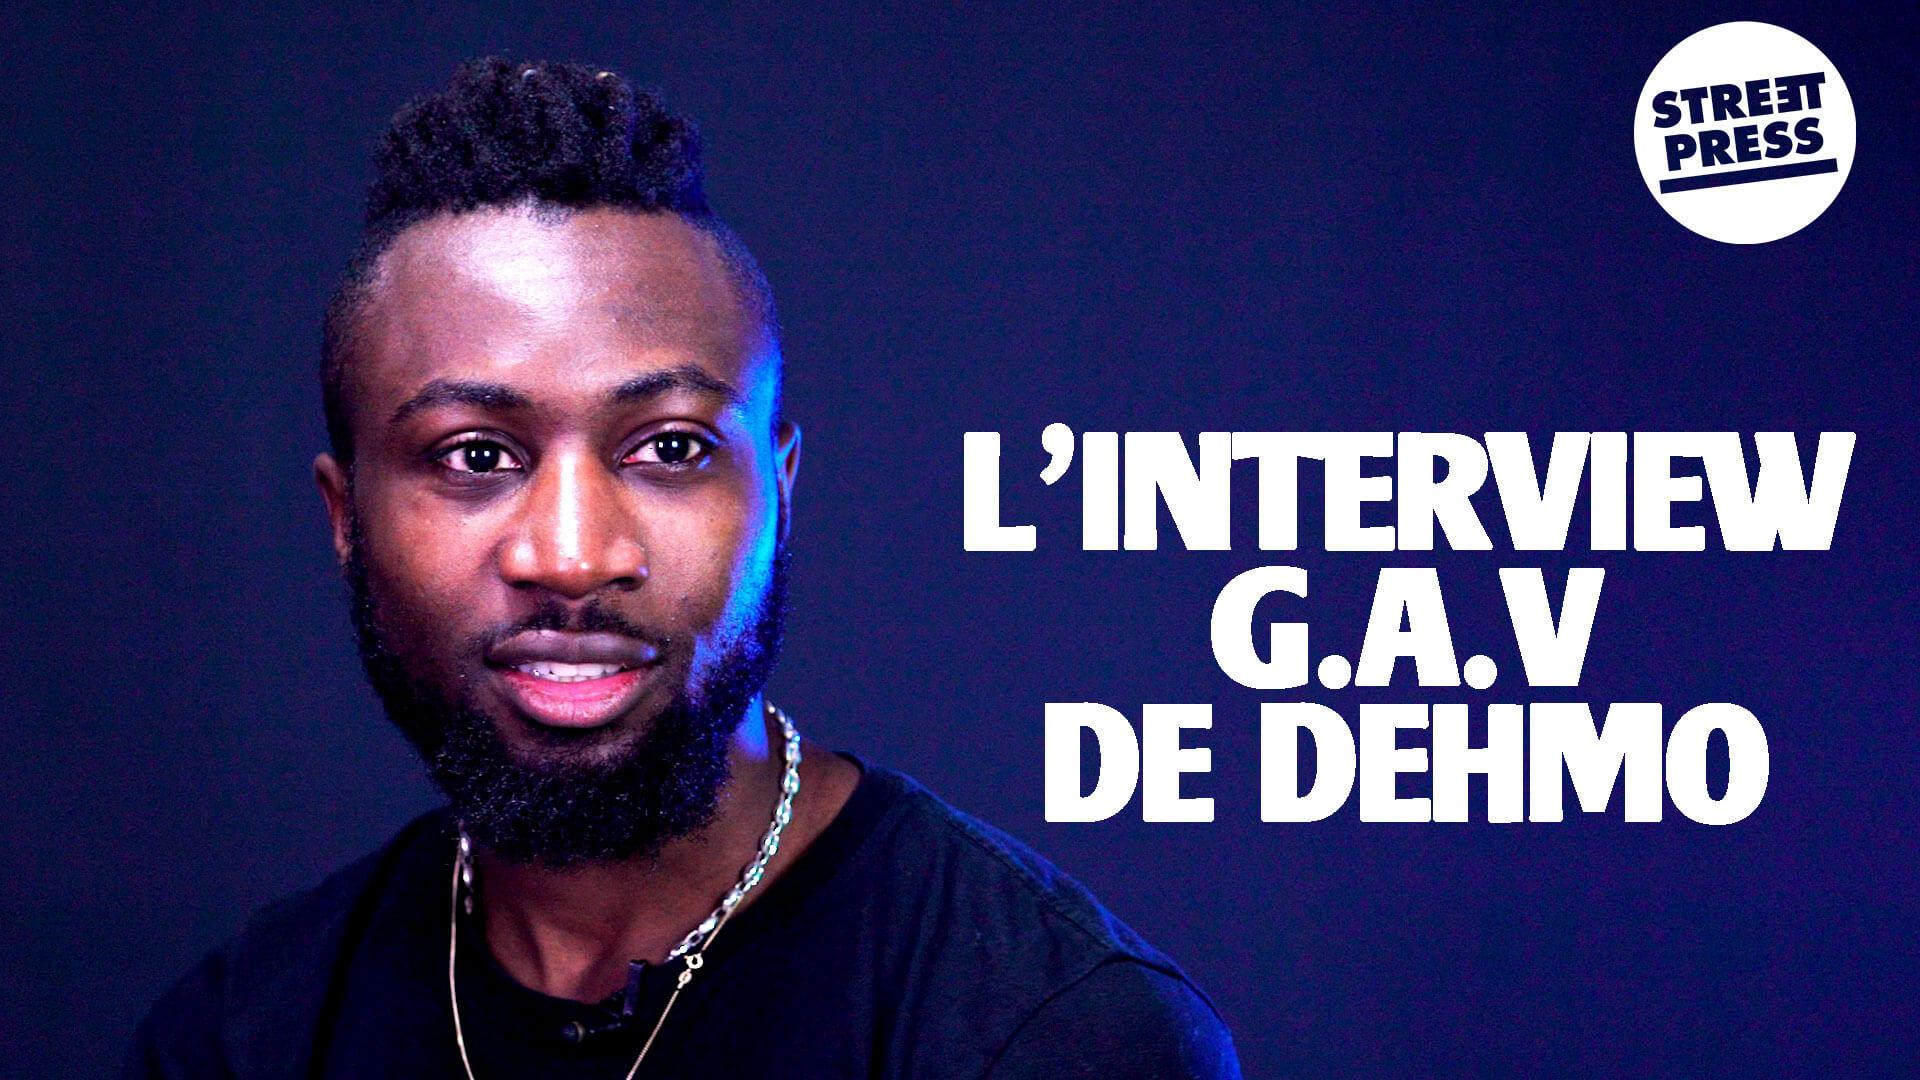 L'interview G.A.V de Dehmo